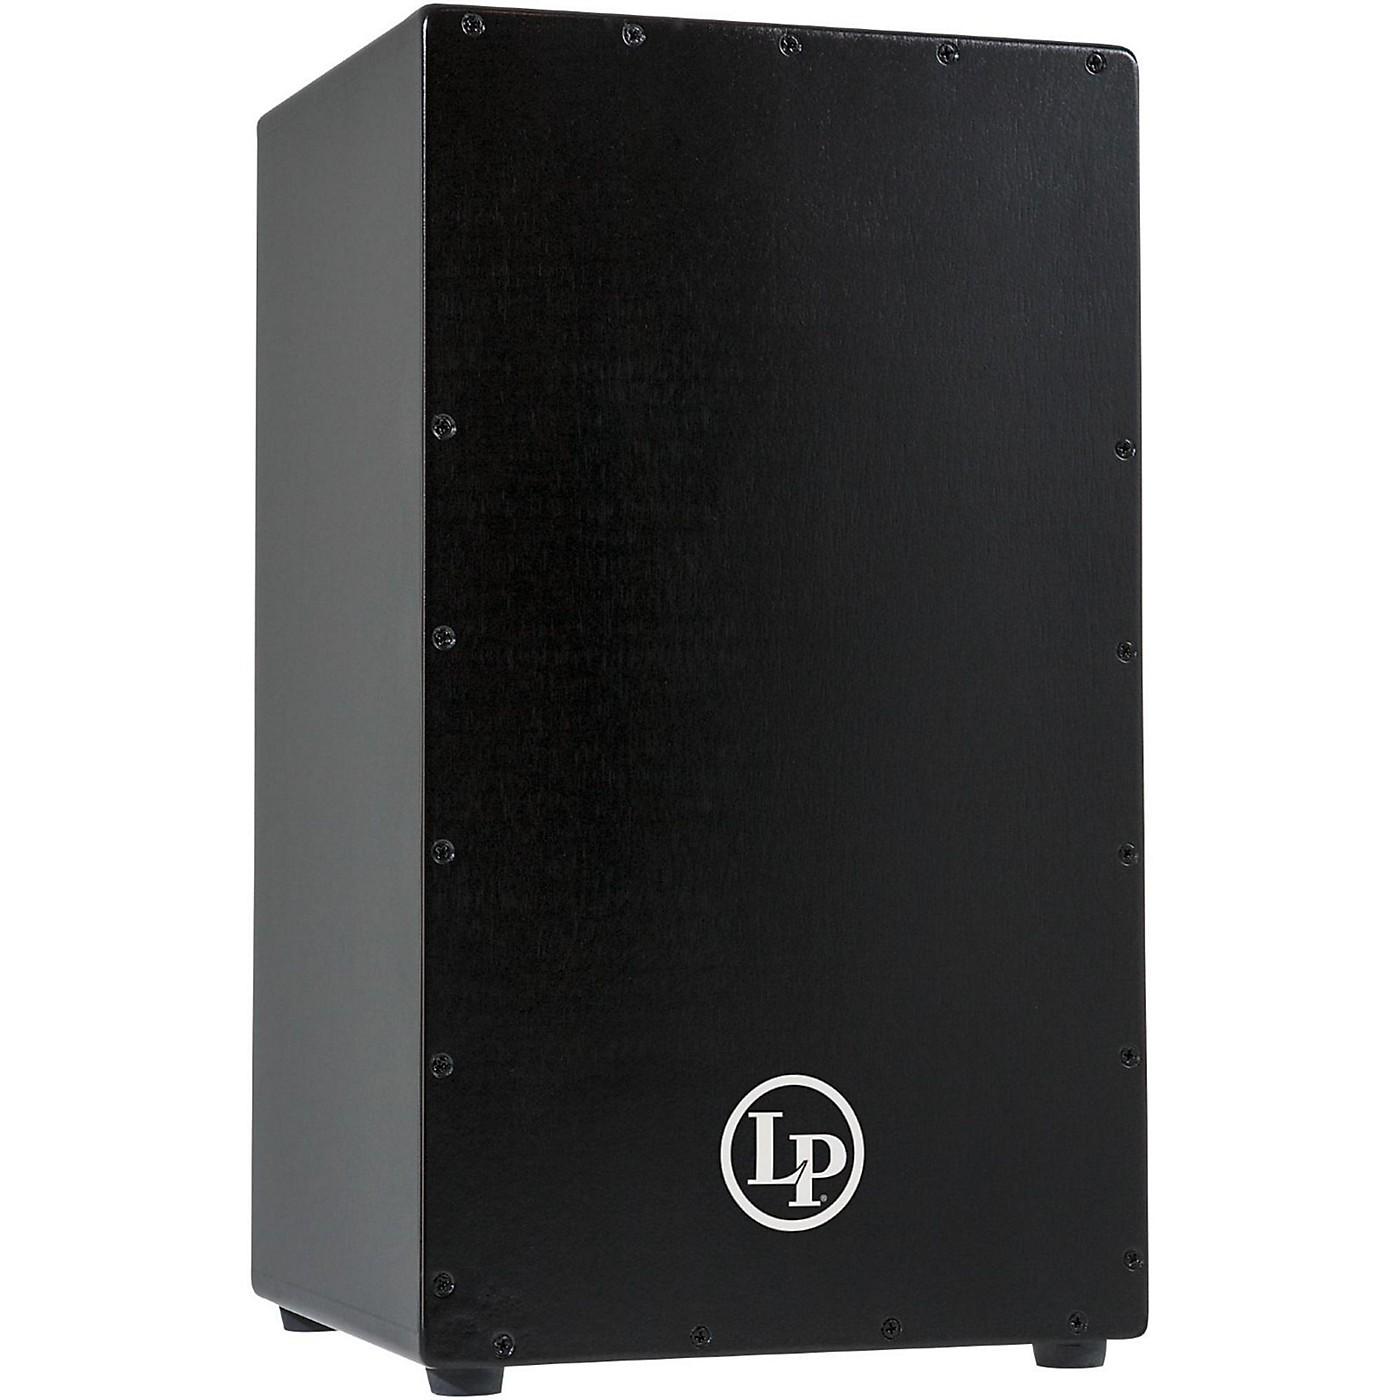 LP City Series Black Box Cajon thumbnail